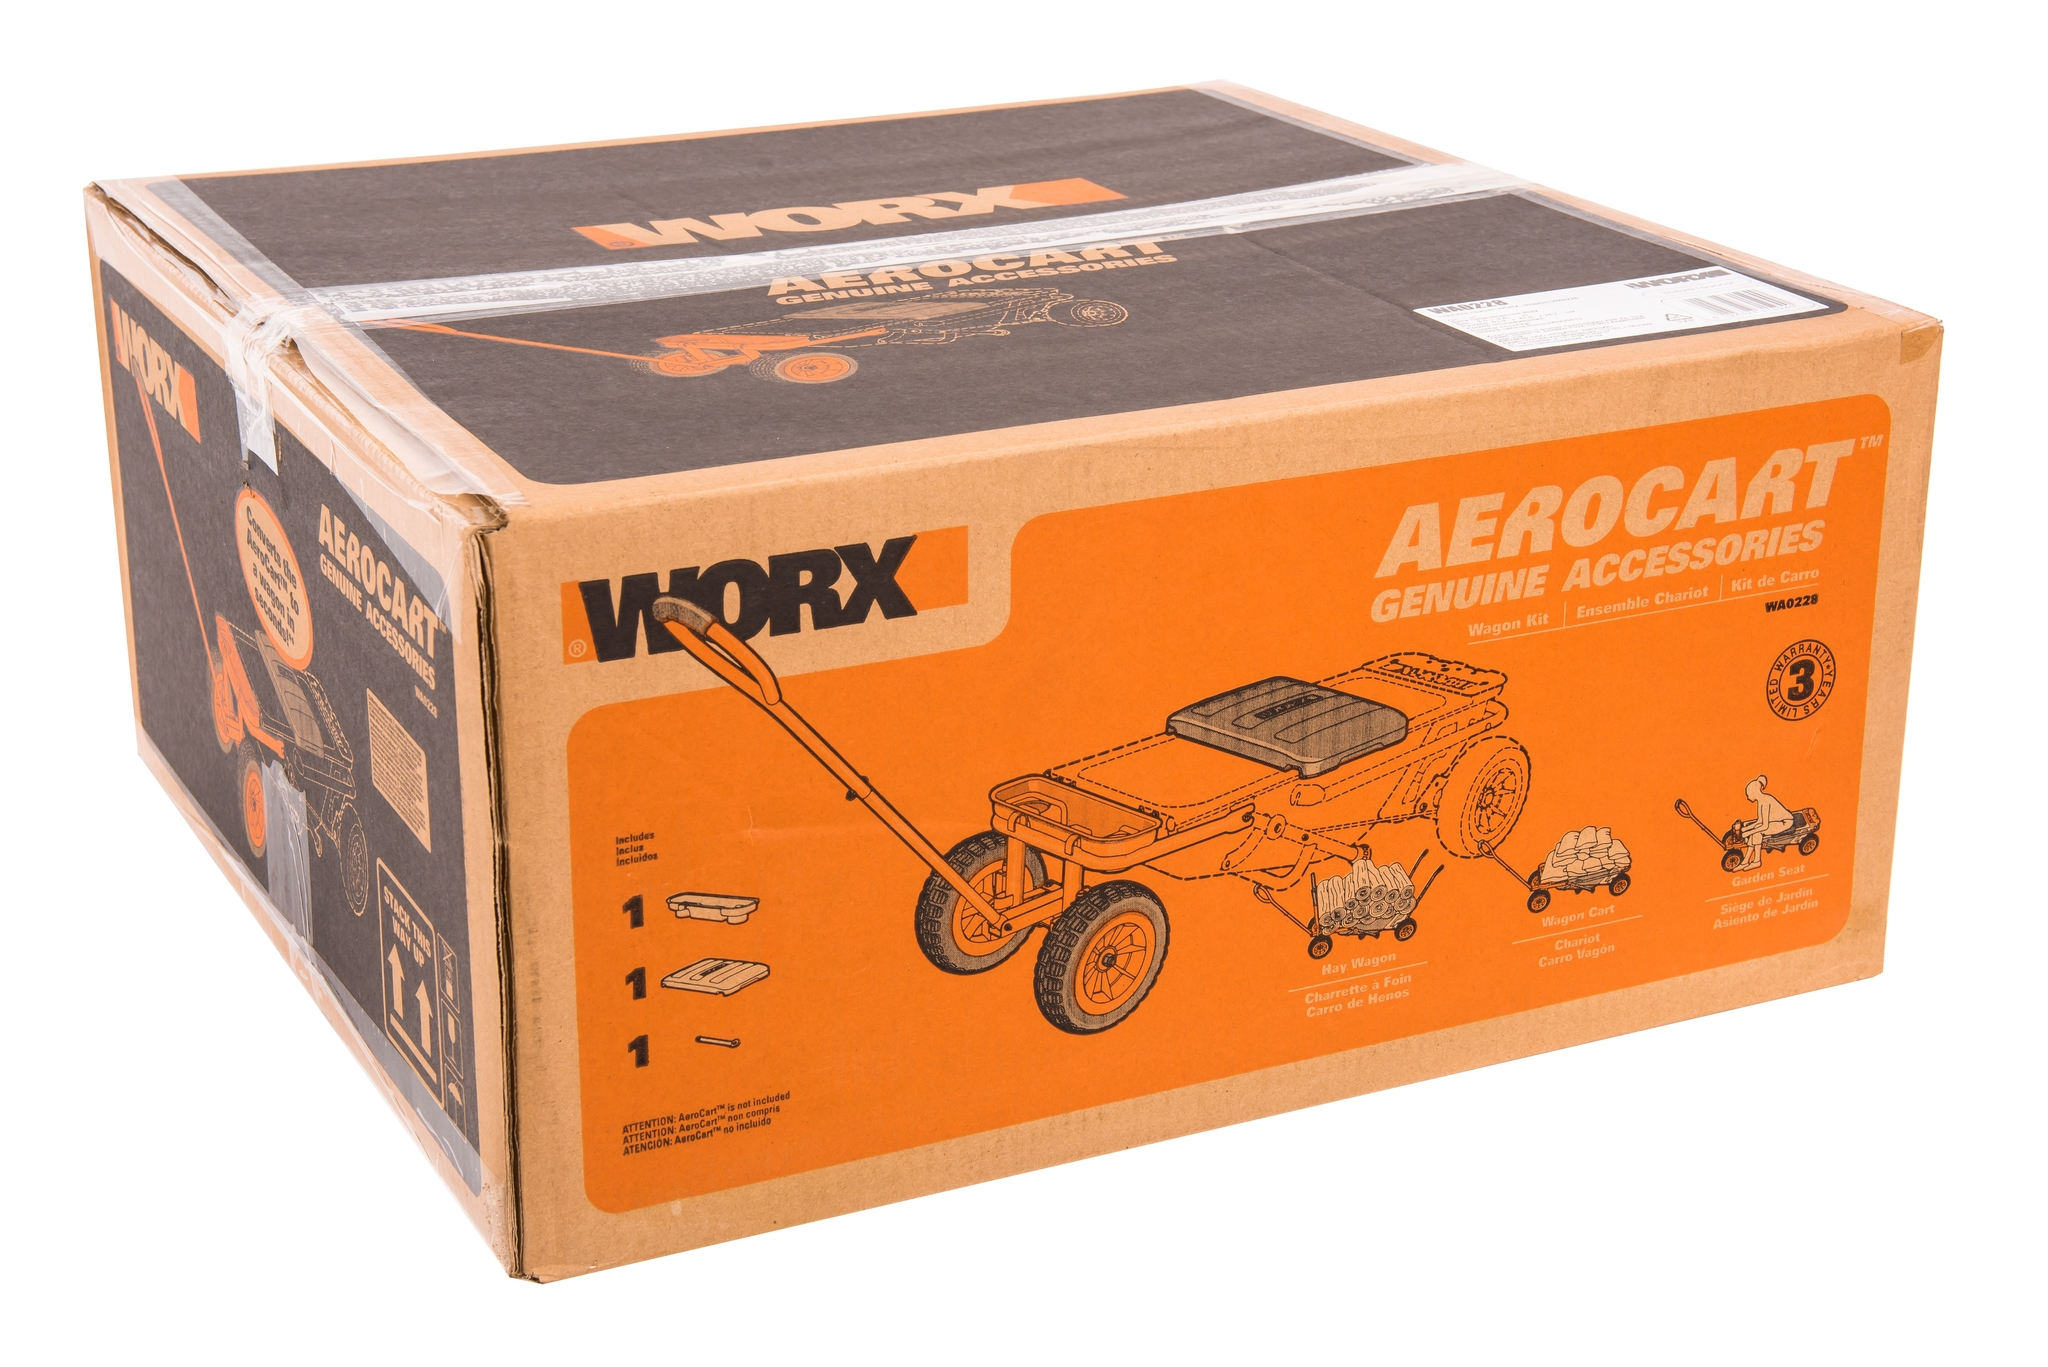 Дополнительные колеса для садовой тележки Aerocart WORX WA0228